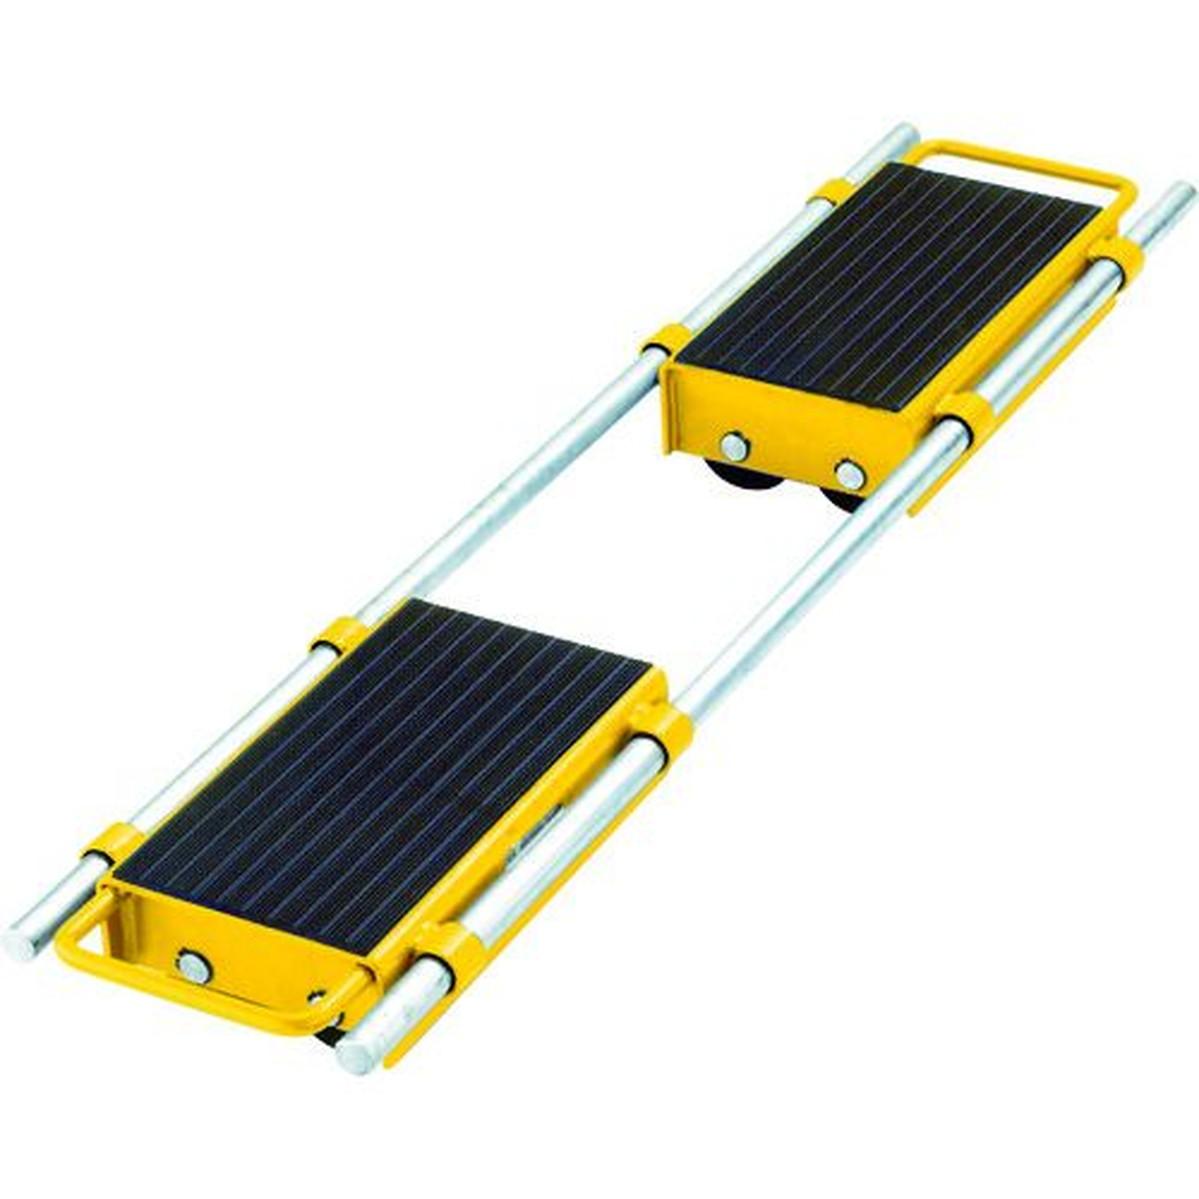 100%品質 KAISER 調節可能 1台 運搬用ローラードーリー KAISER 12t 調節可能 1台, 愛媛ペレキャット:6f1f1dea --- promilahcn.com